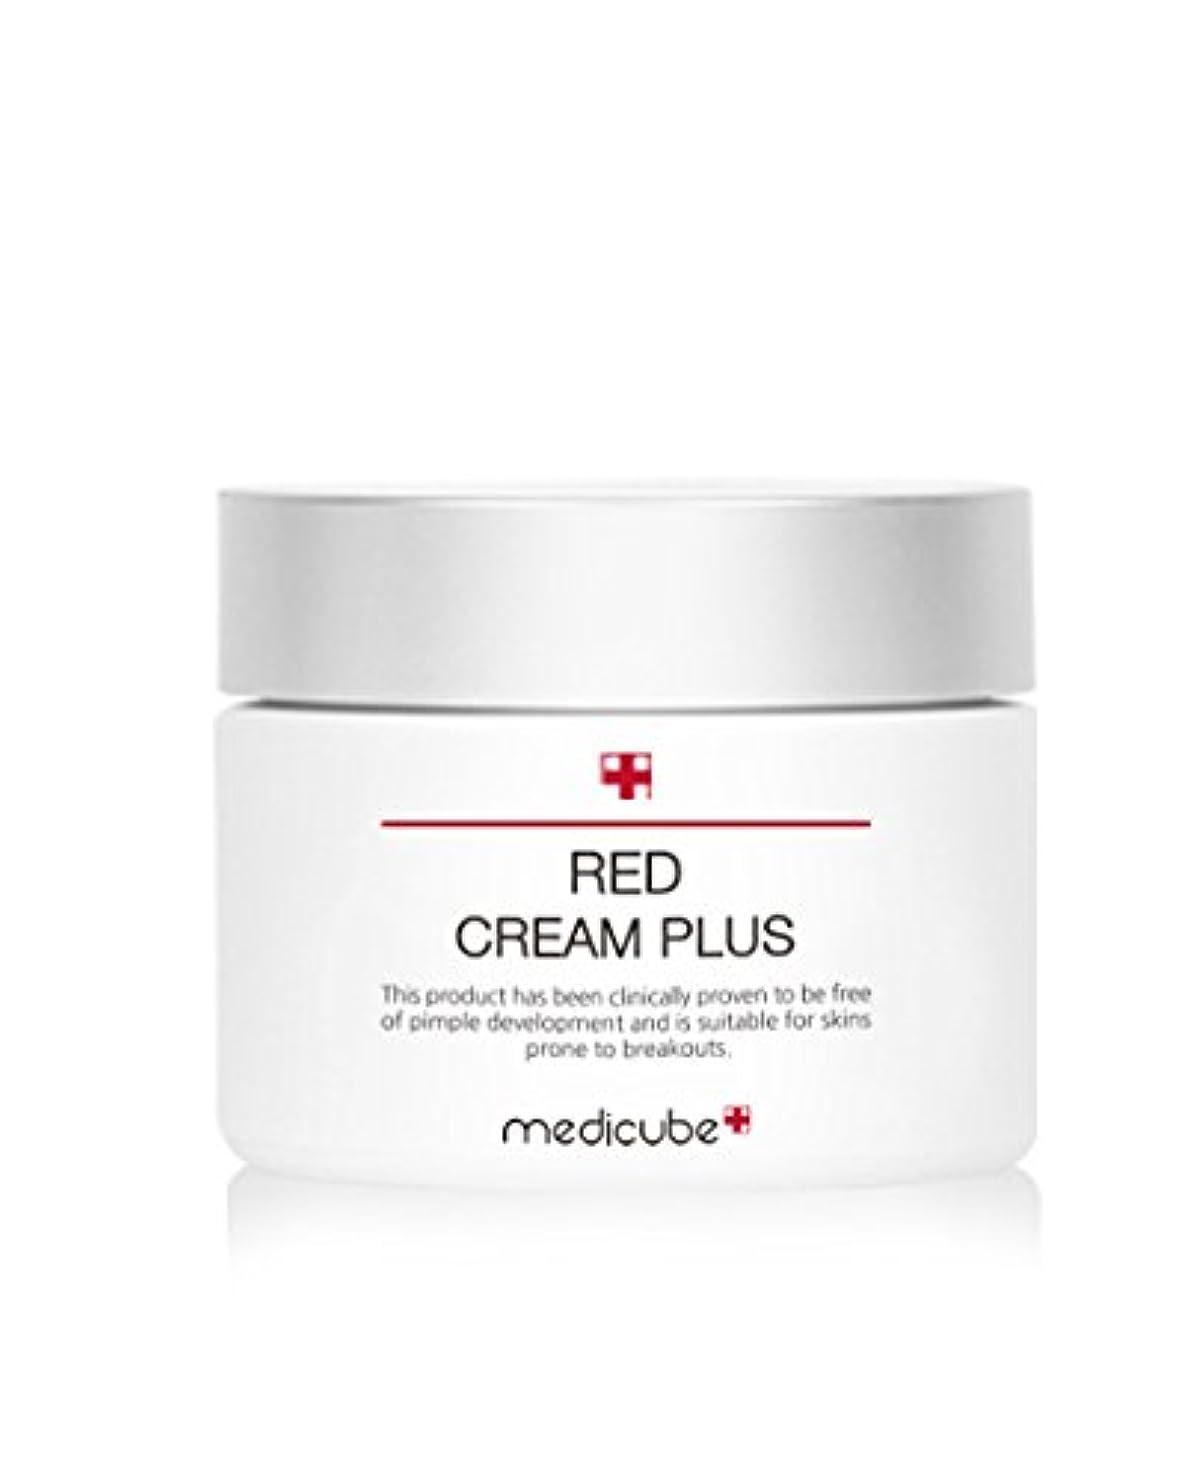 地元事業内容正規化[Medicube]メディキューブ レッド クリーム プラス 大容量 100ml / Medicube Red Cream Plus 100ml [並行輸入品]